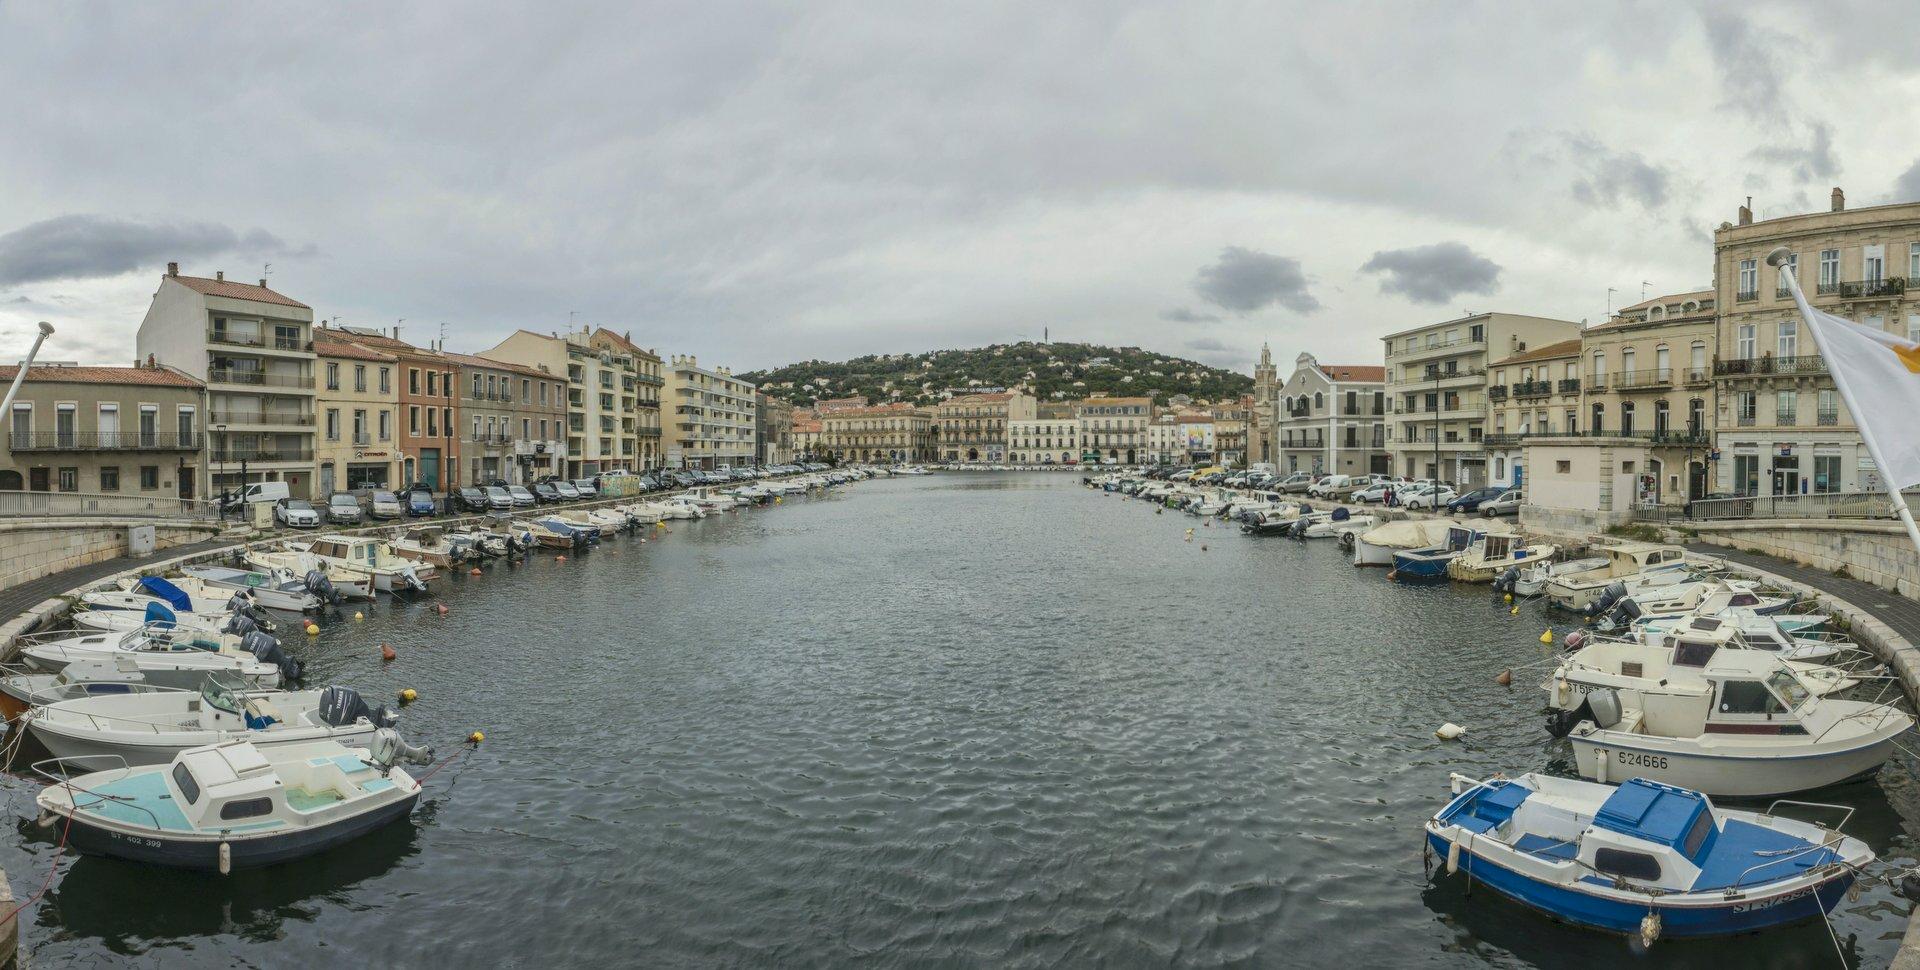 Canal de la Peyrade in Sète